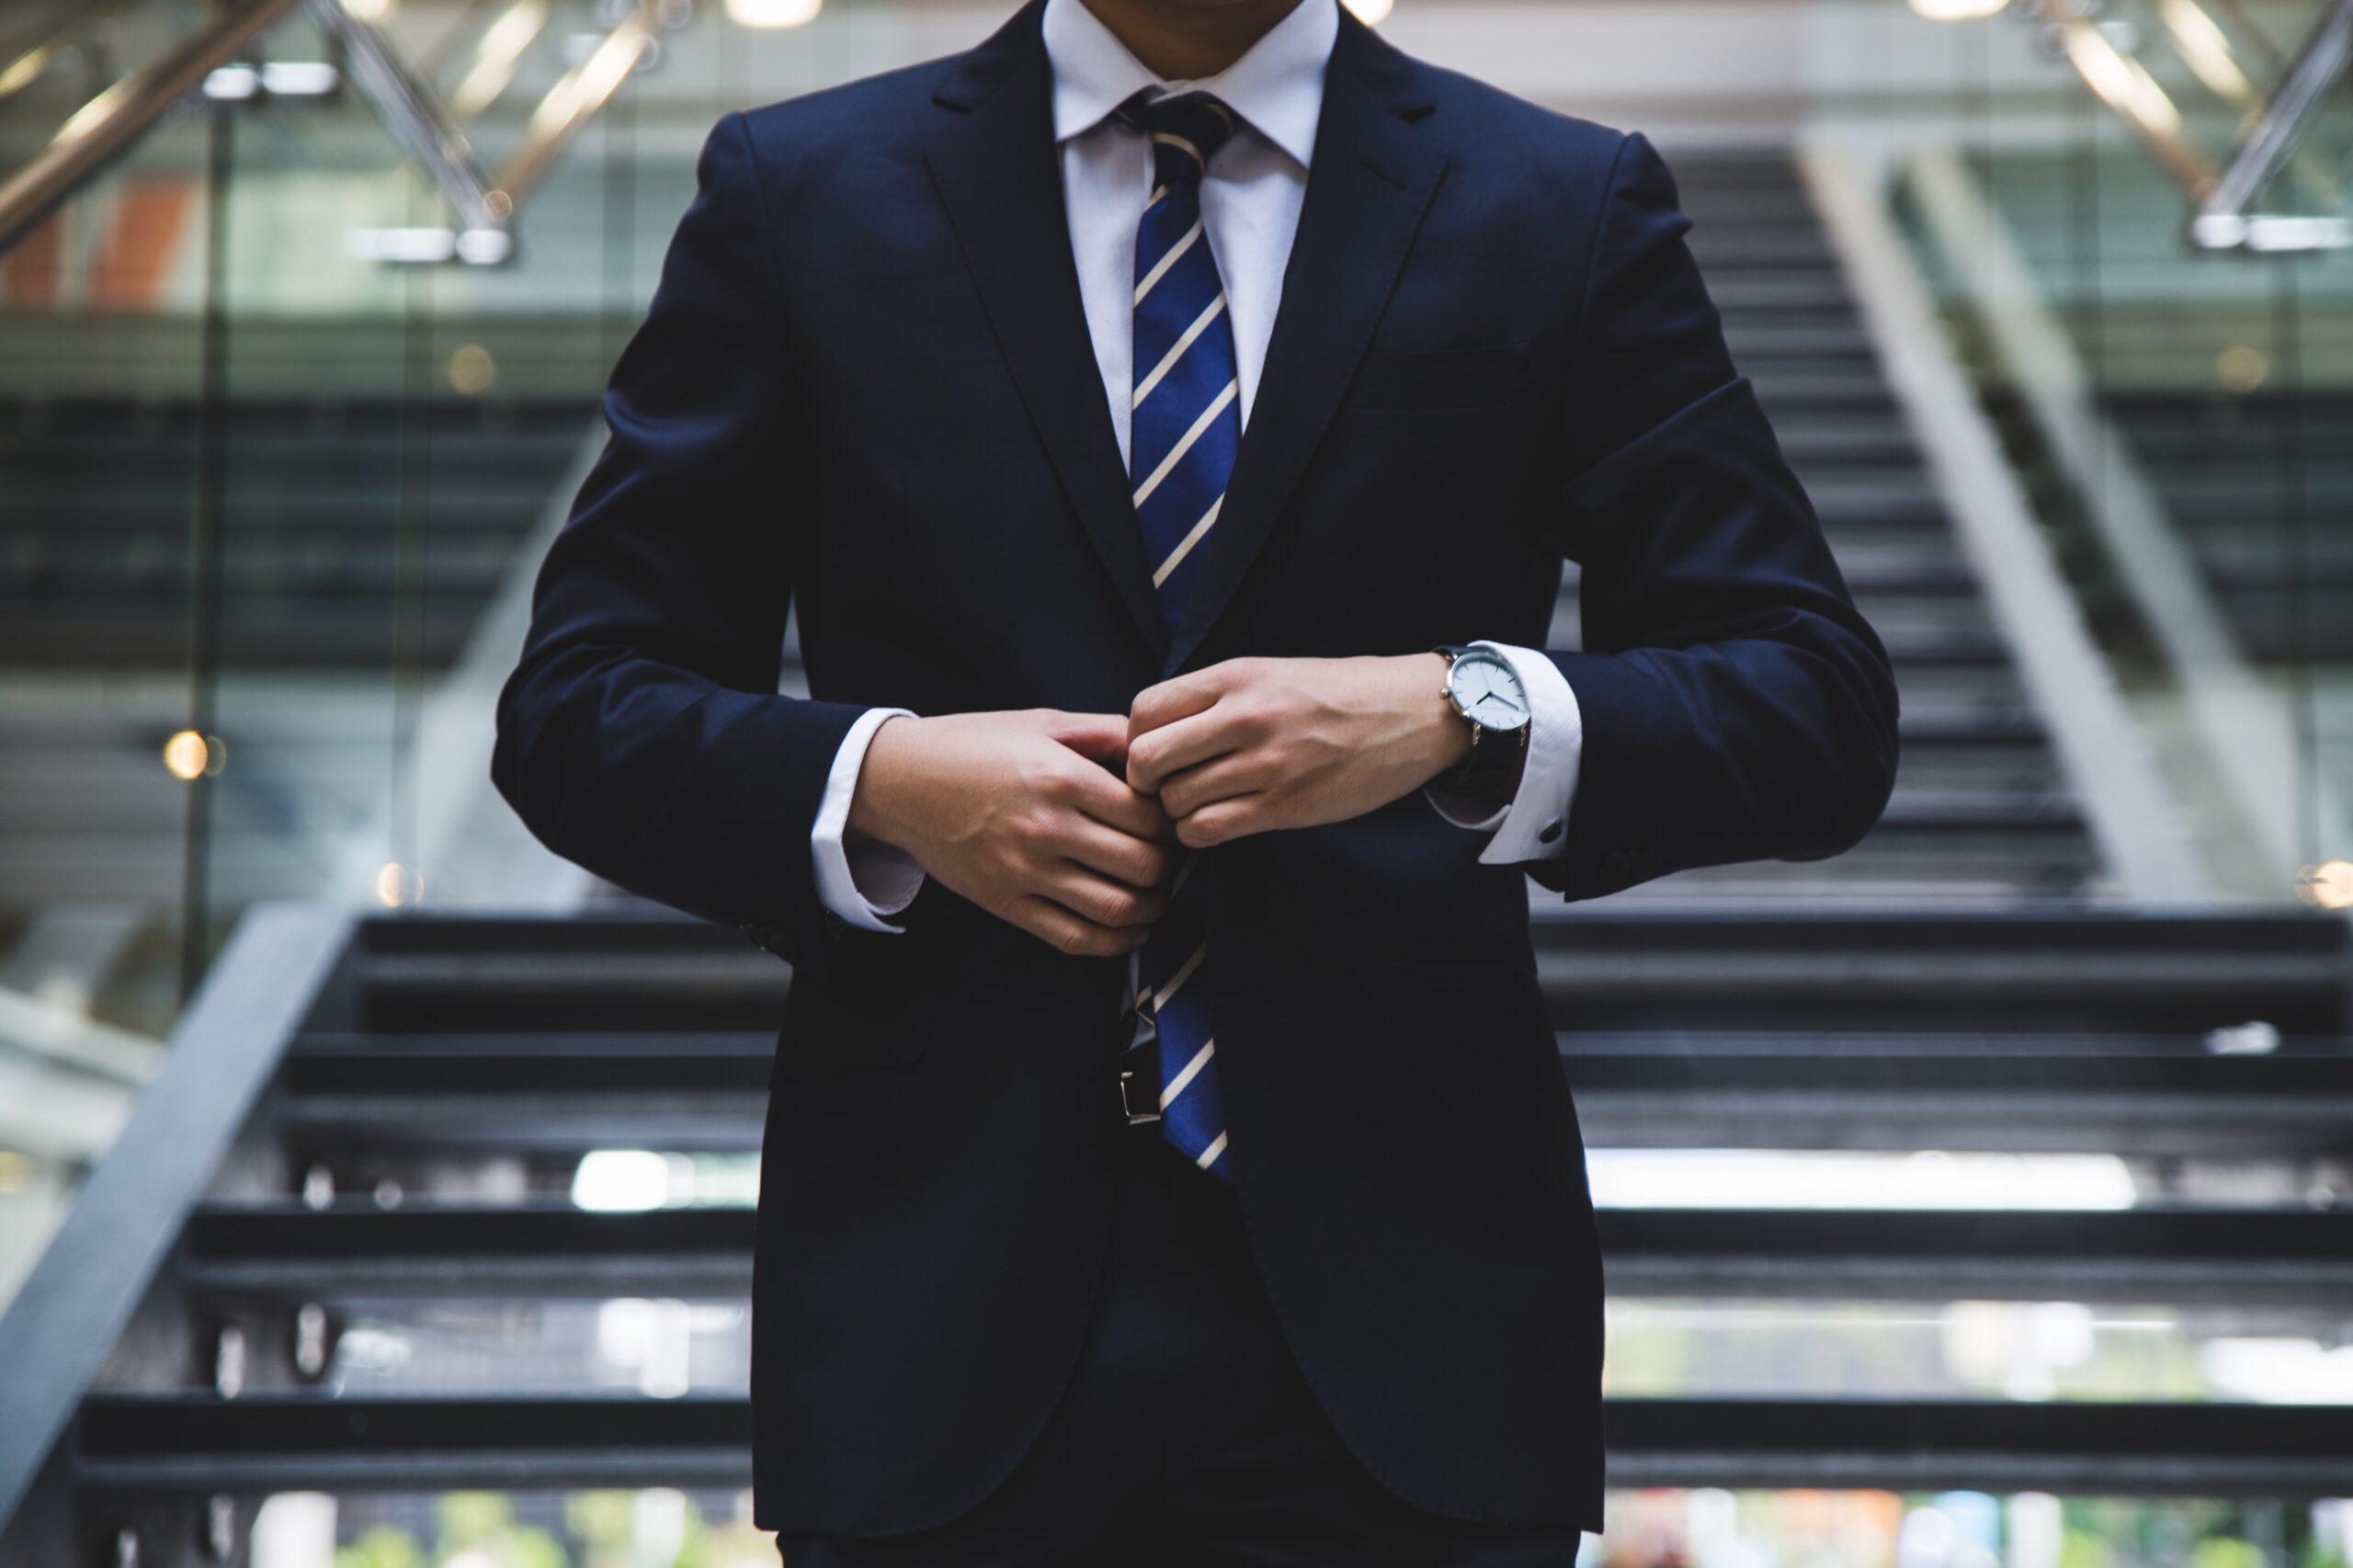 Jak zostać urzędnikiem?Praca w służbie cywilnej